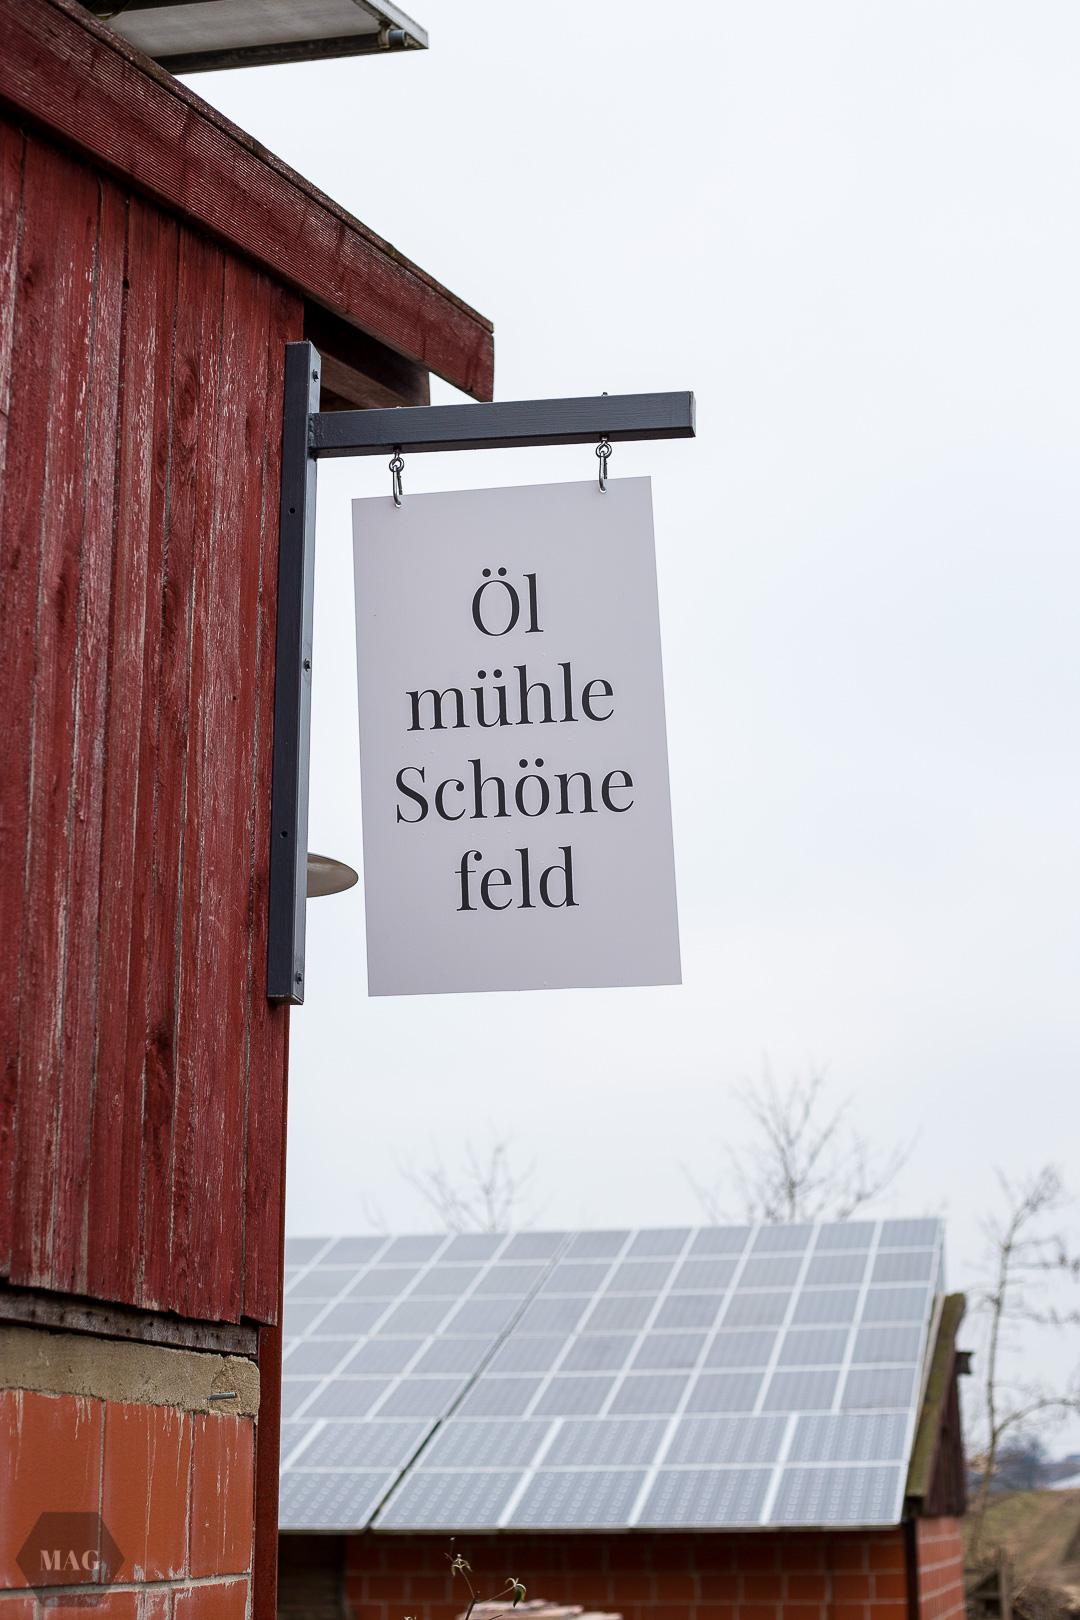 Ölmühle Schönefeld, Ölmühle, Wo kommt das Öl her, Wie wird Öl hergestellt, Ölmühle Münster, traditionelle Ölmühle, hochwertiges Öl, Schönefeld, Öl aus Münster